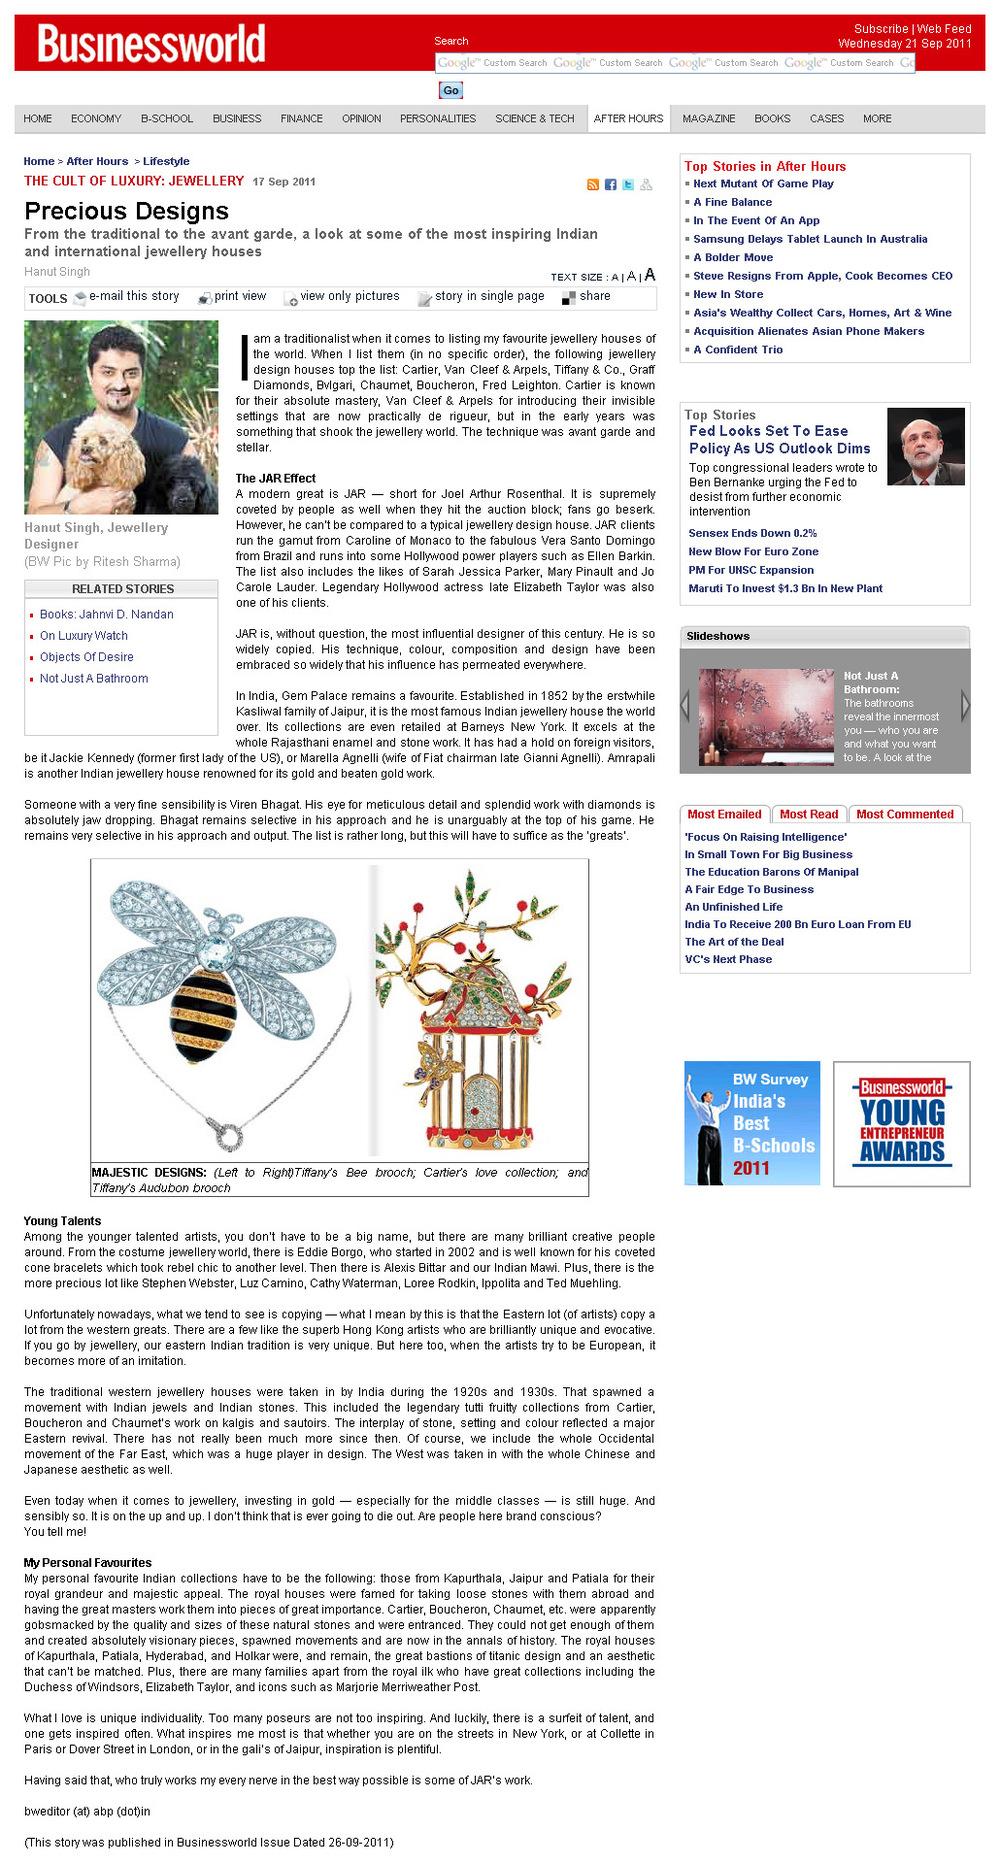 Businessworld, September 2011